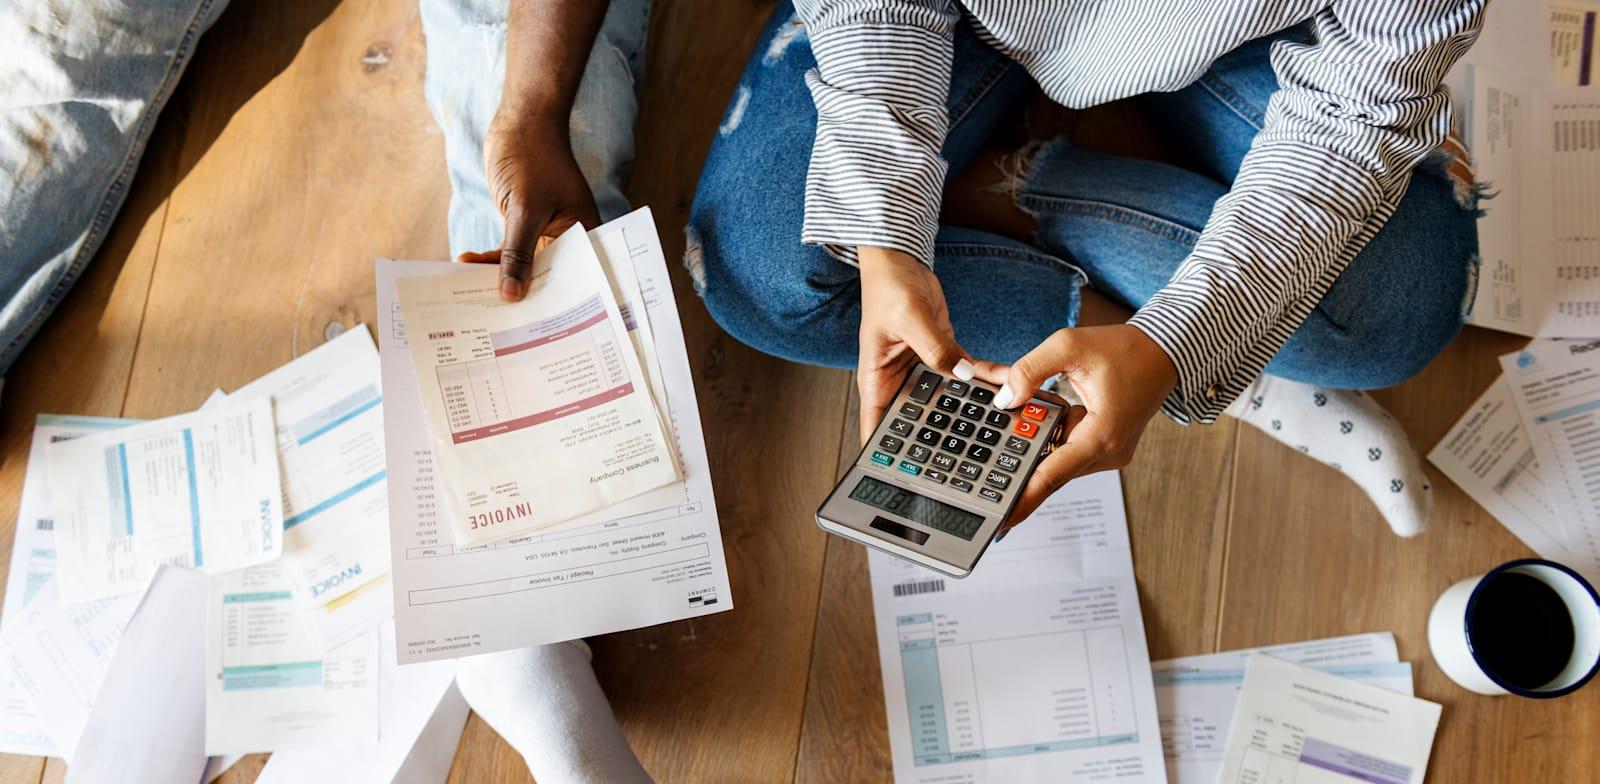 התזמון בין ההוצאות להכנסות בחברה / צילום: Shutterstock